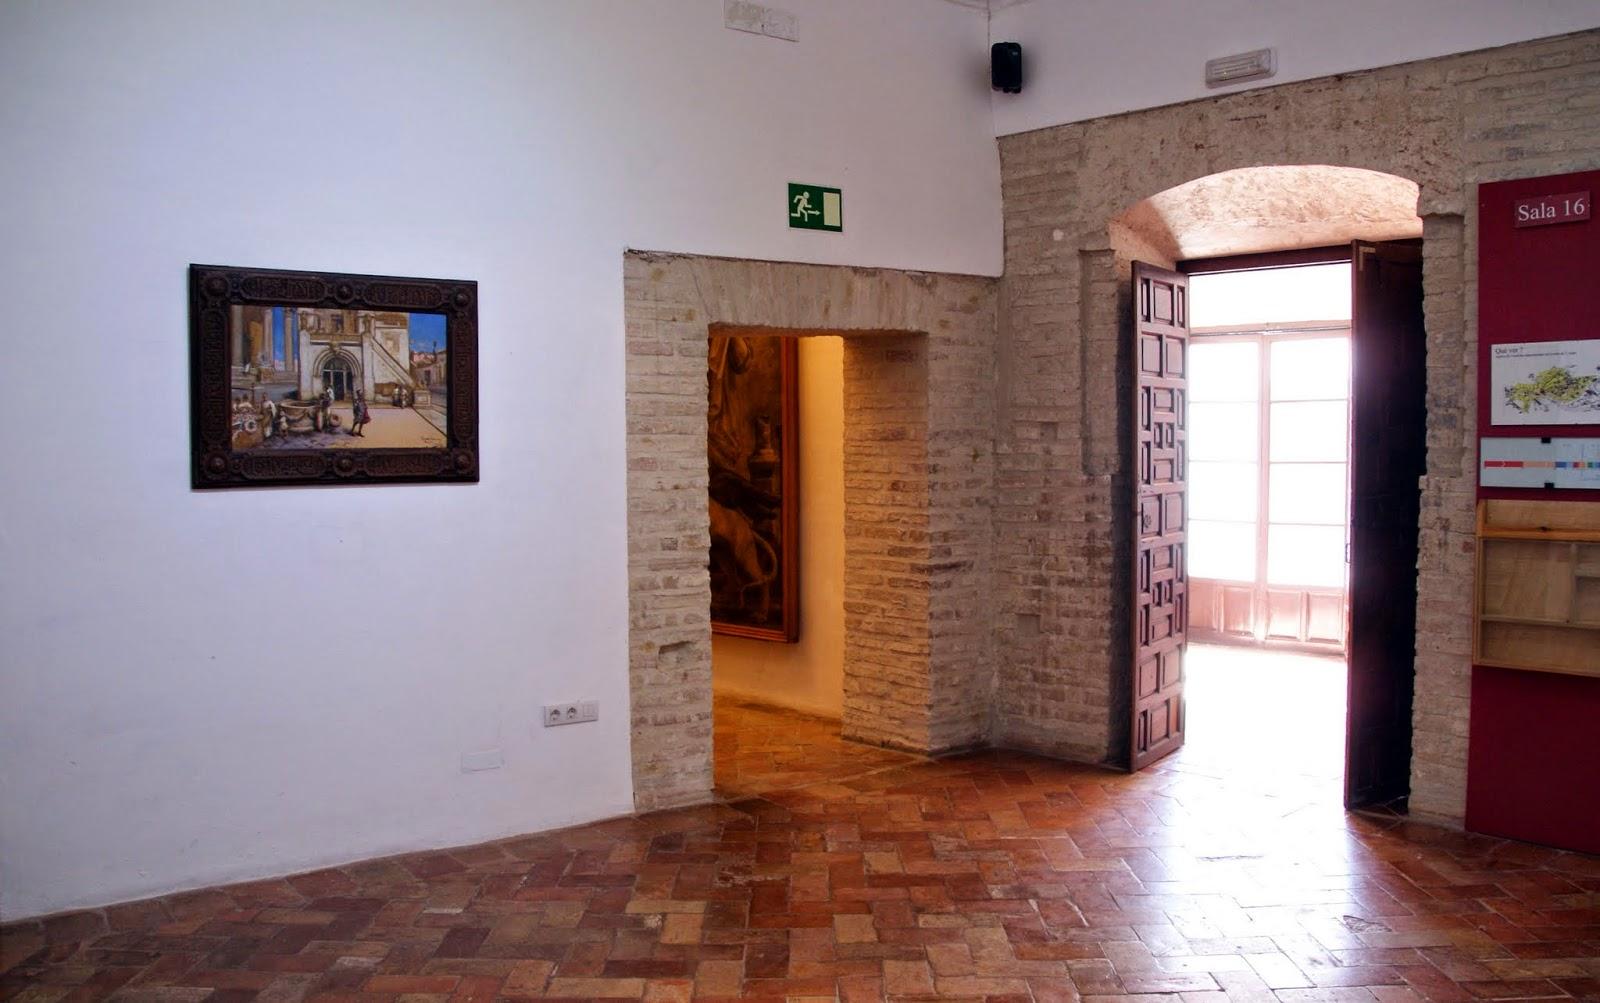 obras suyas sala xii vista de la sala 16 dedicada al pintor local